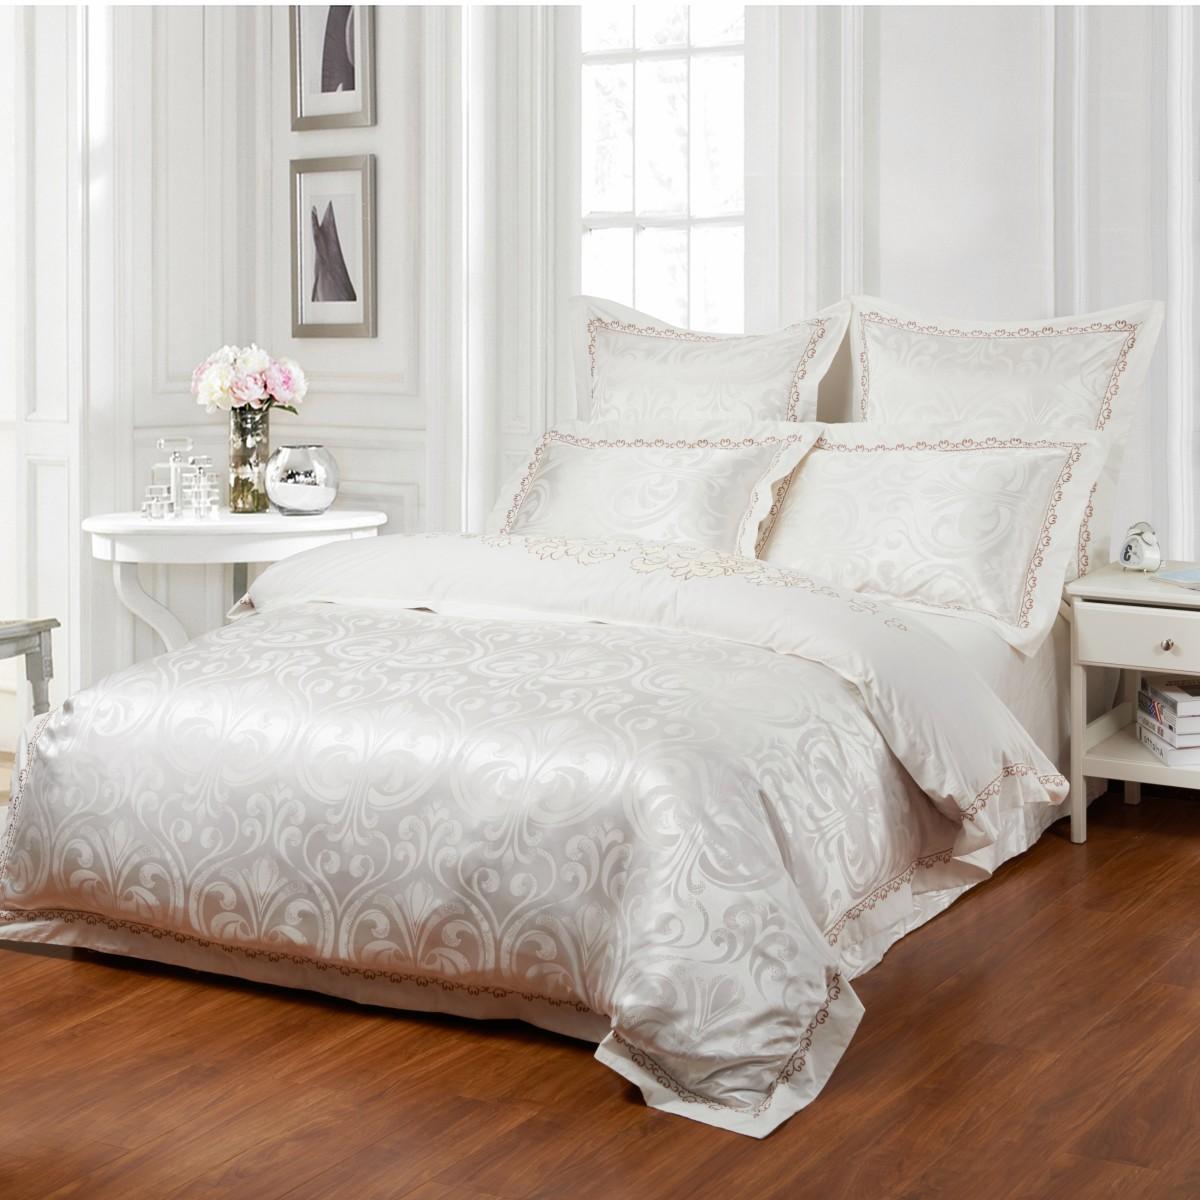 Комплект постельного бельяДвуспальные комплекты постельного белья<br>Роскошное постельное белье для обладателей изысканного вкуса.&amp;lt;div&amp;gt;&amp;lt;br&amp;gt;&amp;lt;div&amp;gt;В комплект входит:&amp;lt;br&amp;gt;&amp;lt;div&amp;gt;Пододеяльник: 220х200 см (1шт)&amp;amp;nbsp;&amp;lt;/div&amp;gt;&amp;lt;div&amp;gt;Простыня: 230х250 см (1шт)&amp;amp;nbsp;&amp;lt;/div&amp;gt;&amp;lt;div&amp;gt;&amp;lt;span style=&amp;quot;line-height: 1.78571;&amp;quot;&amp;gt;Наволочки: 50х70 см (2шт); 70х70 см (2шт)&amp;lt;/span&amp;gt;&amp;lt;/div&amp;gt;&amp;lt;/div&amp;gt;&amp;lt;/div&amp;gt;<br><br>Material: Сатин<br>Length см: 220<br>Width см: 200